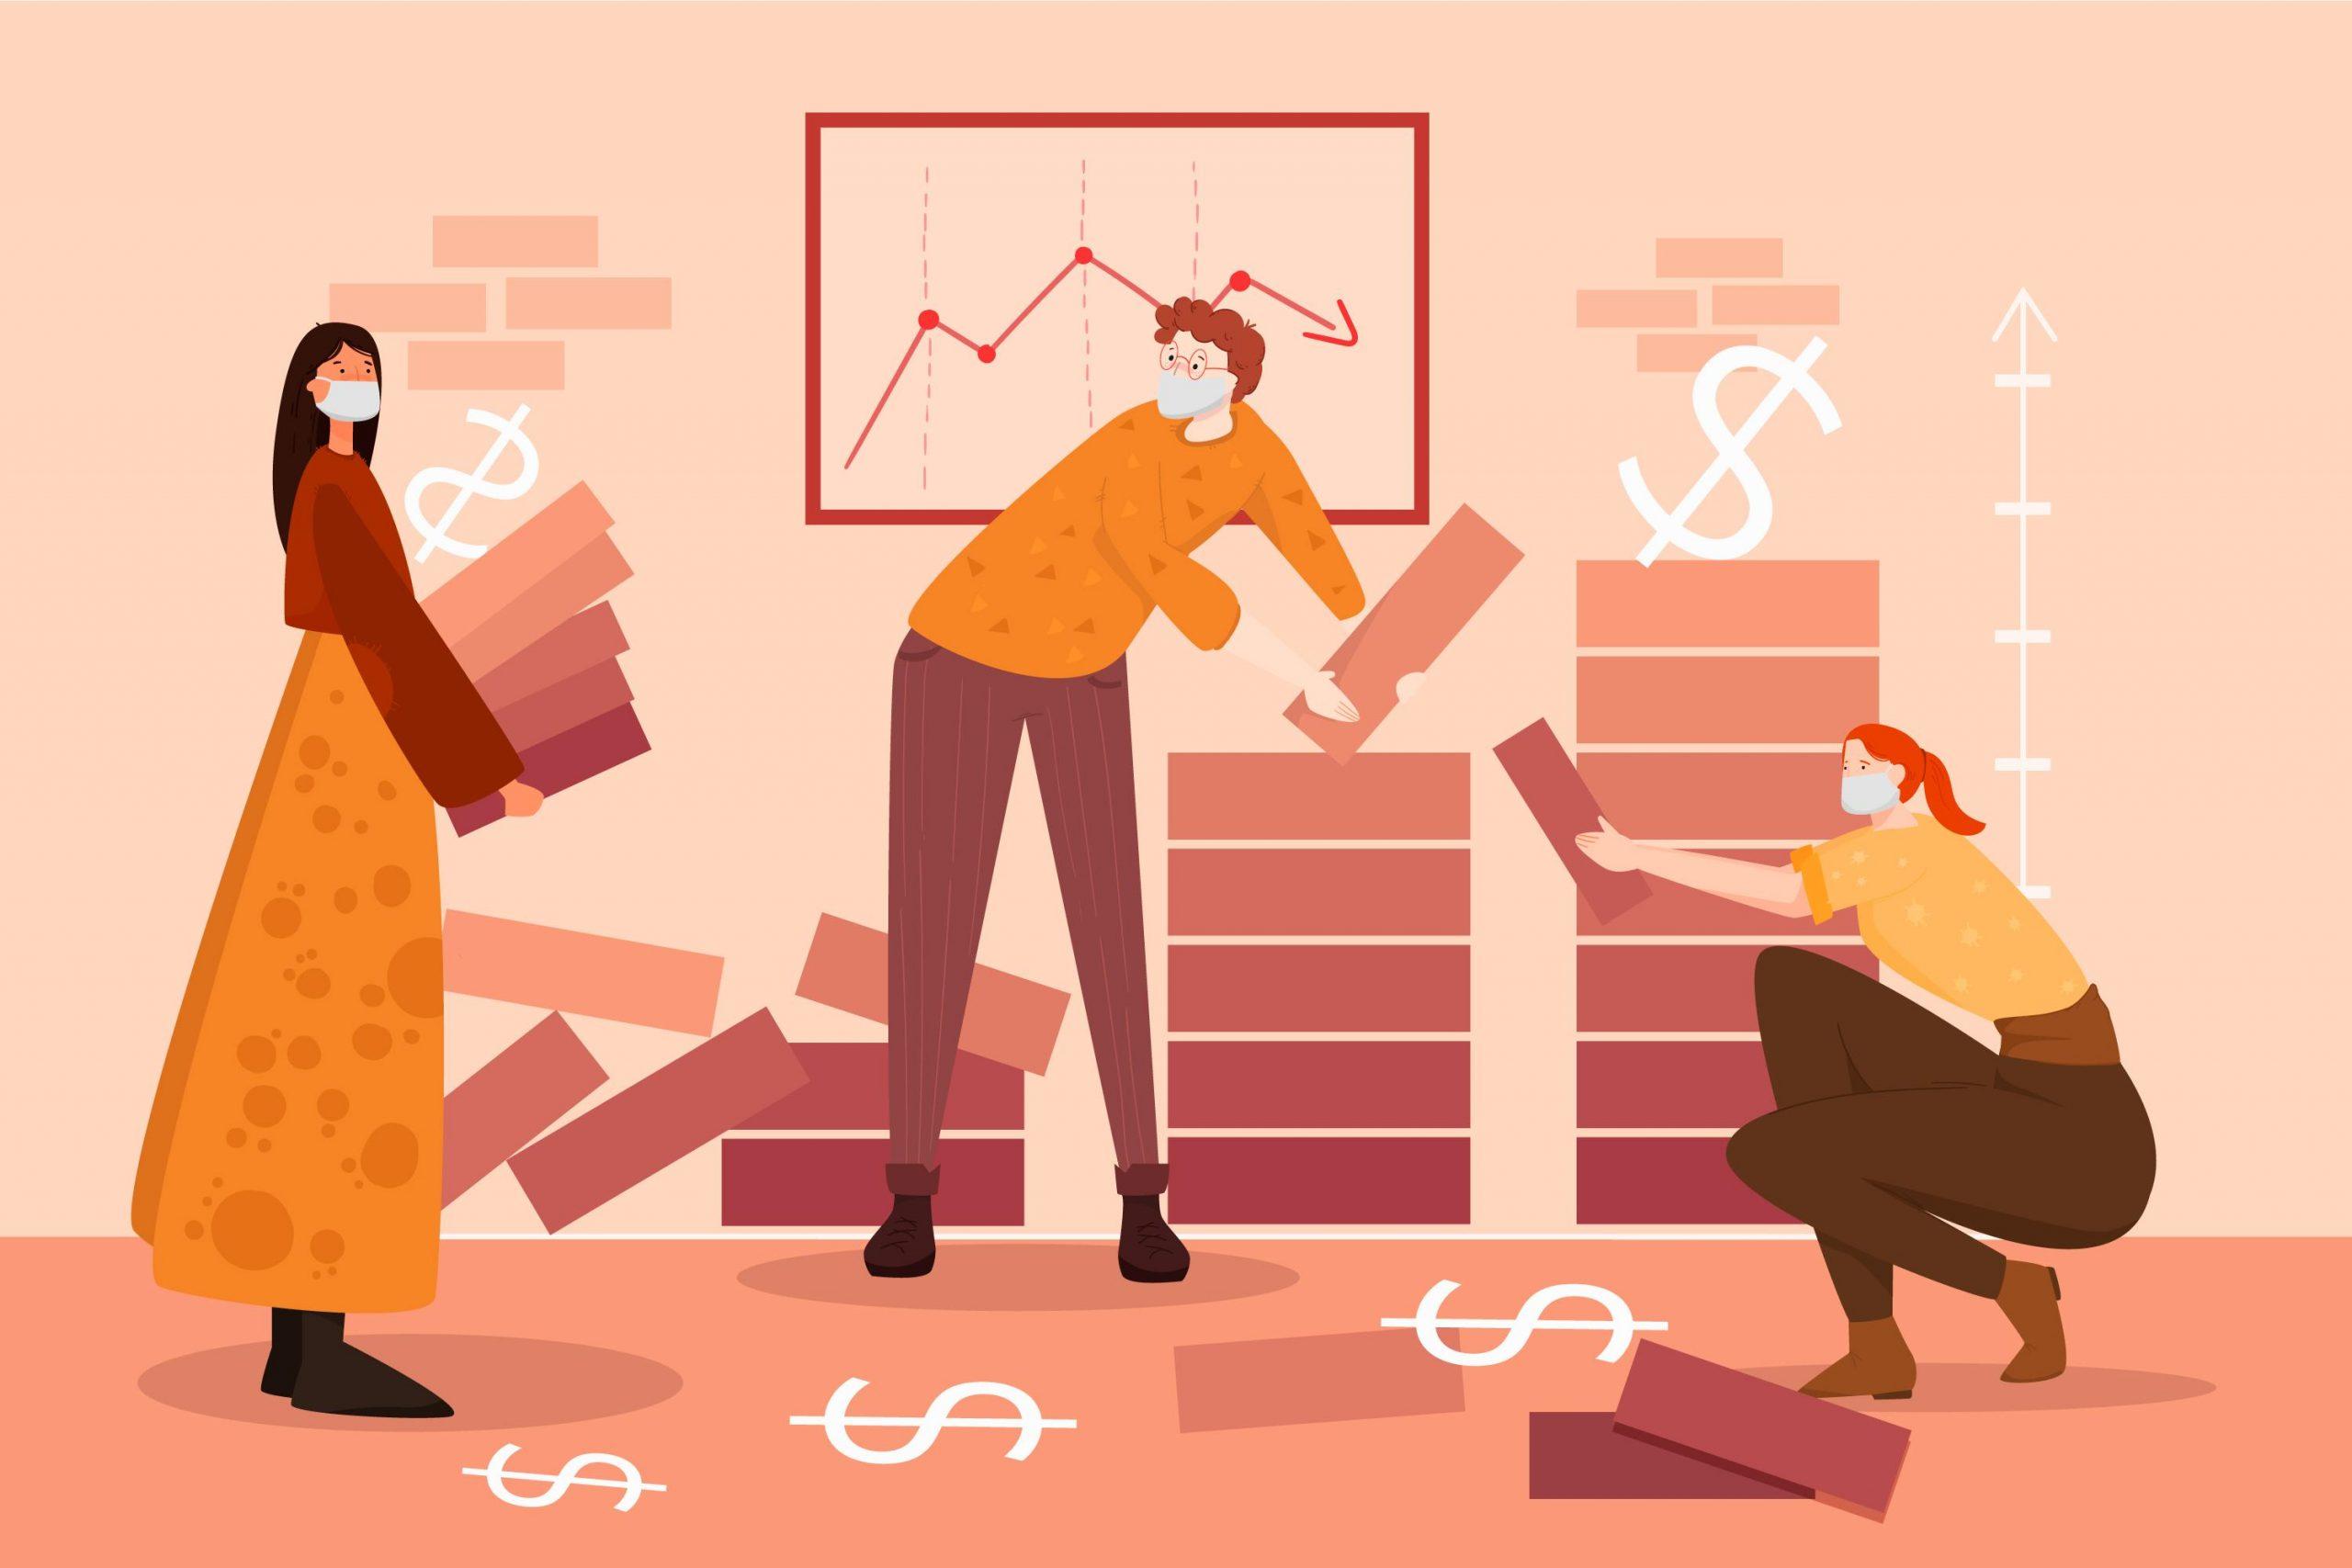 economía, economía mundial, pandemia, covid19, desarrollo, deuda, endeudamiento, finanzas, países en desarrollo, sequía, dinero, préstamo, estrategia, empresas, asesoría